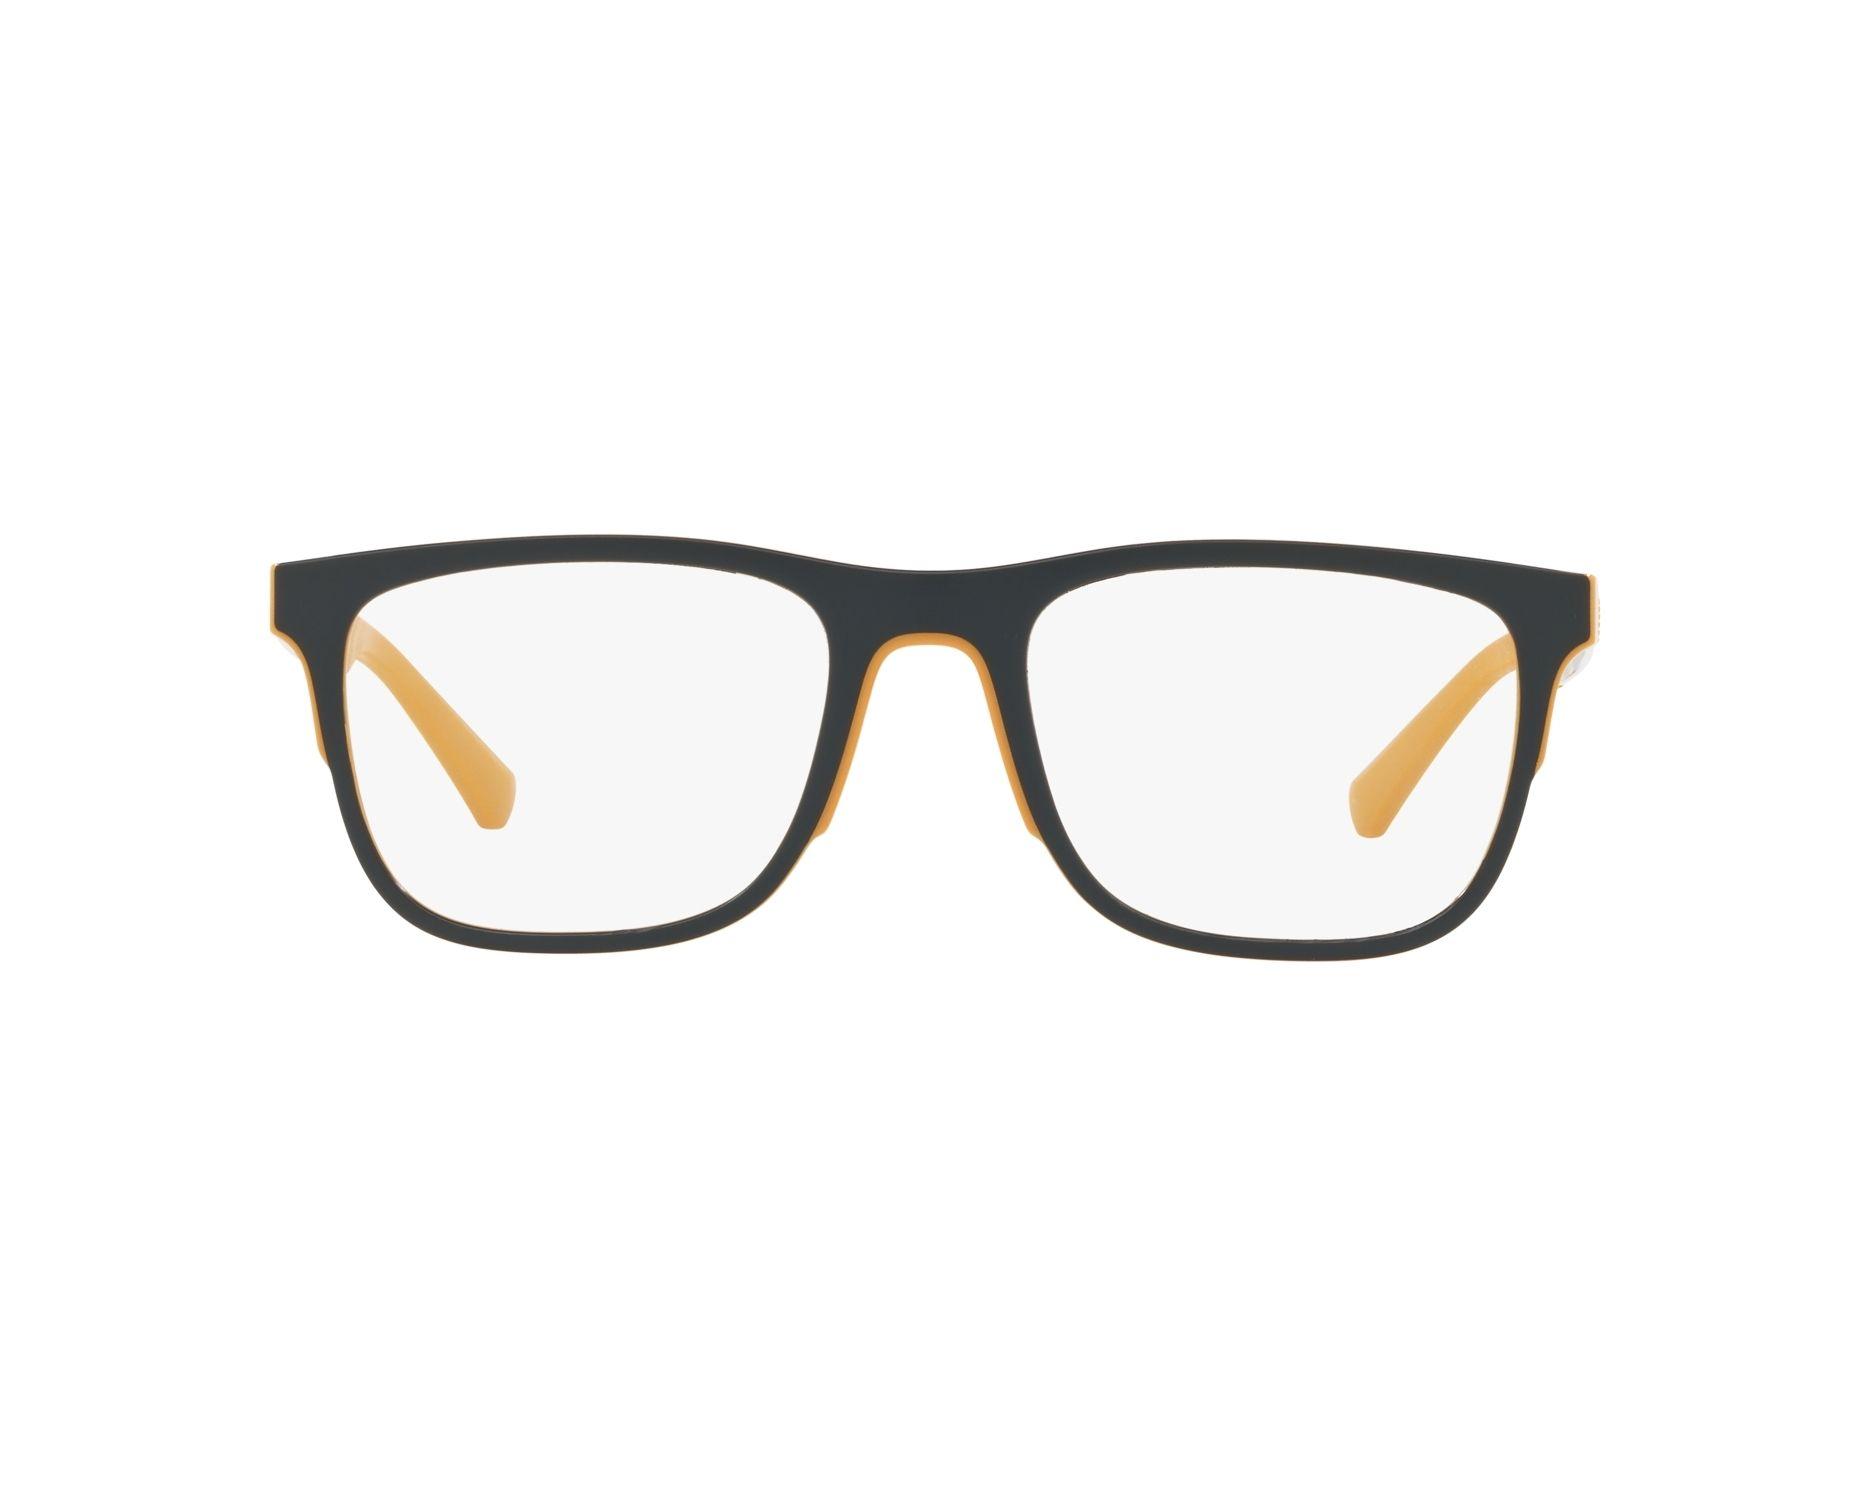 Emporio Armani Eyeglasses Black EA-3133 5042 - Visionet US